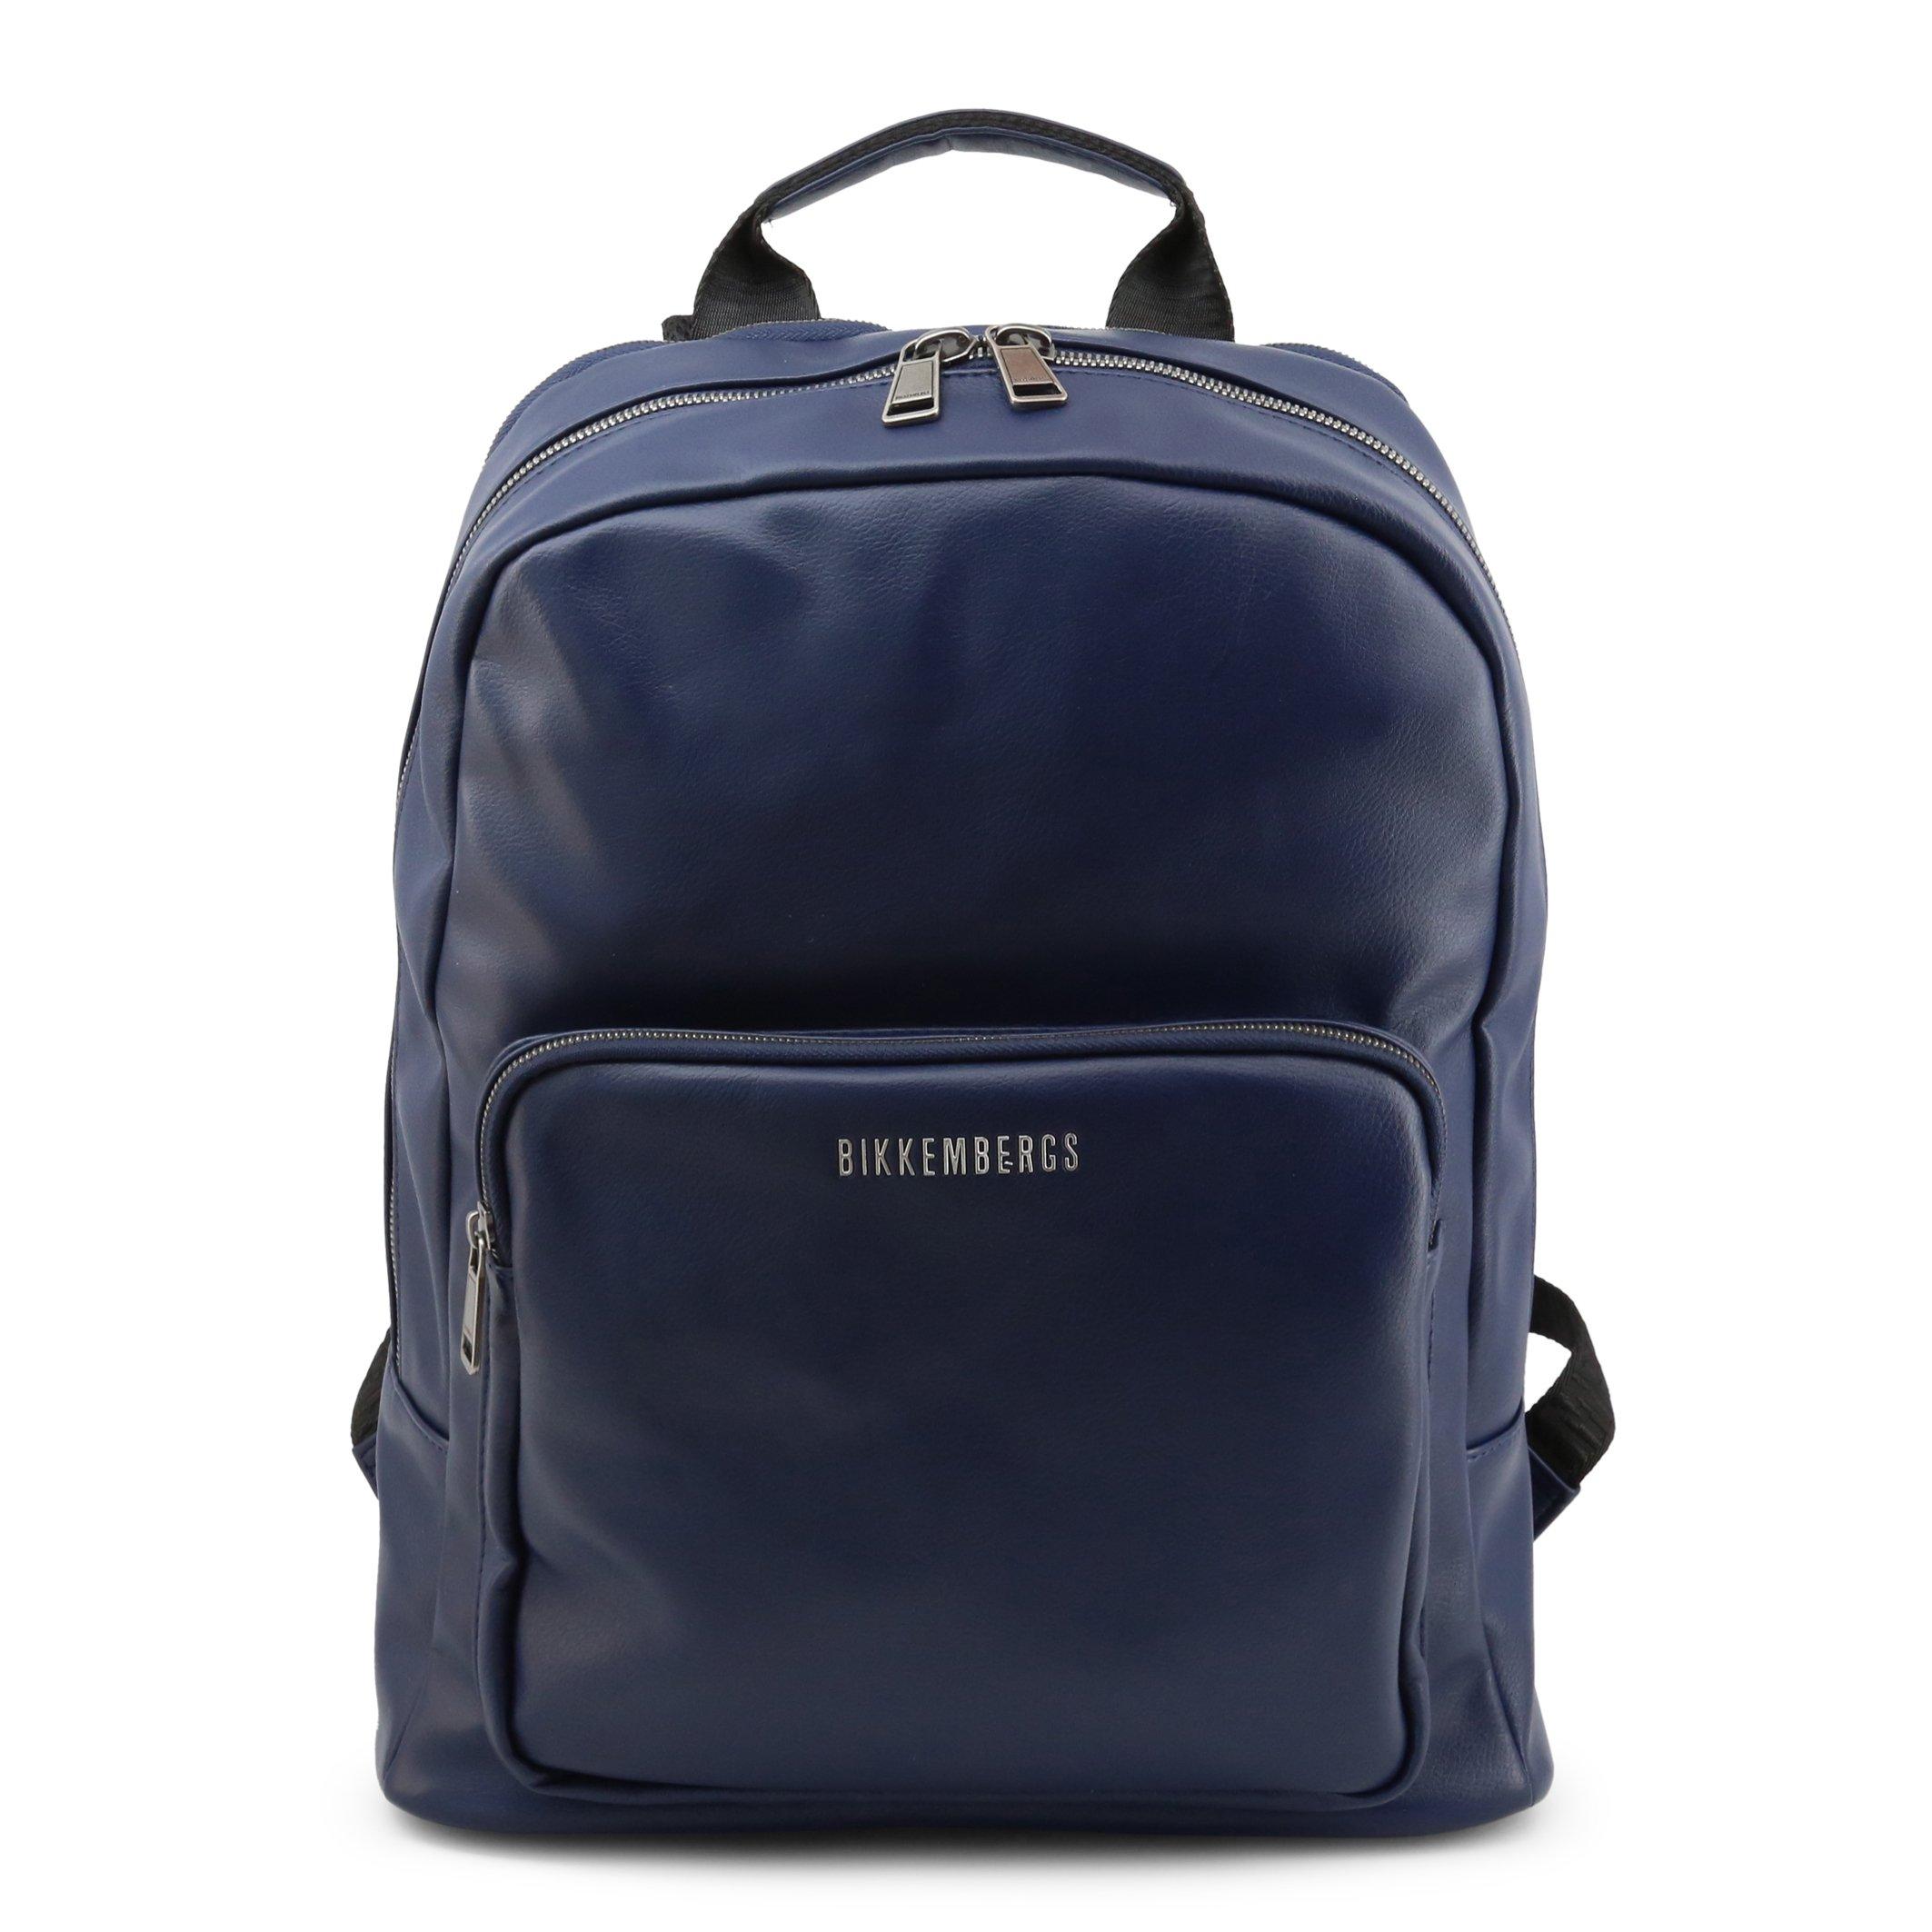 Bikkembergs Men's Backpack Various Colours E2APME210065 - blue NOSIZE